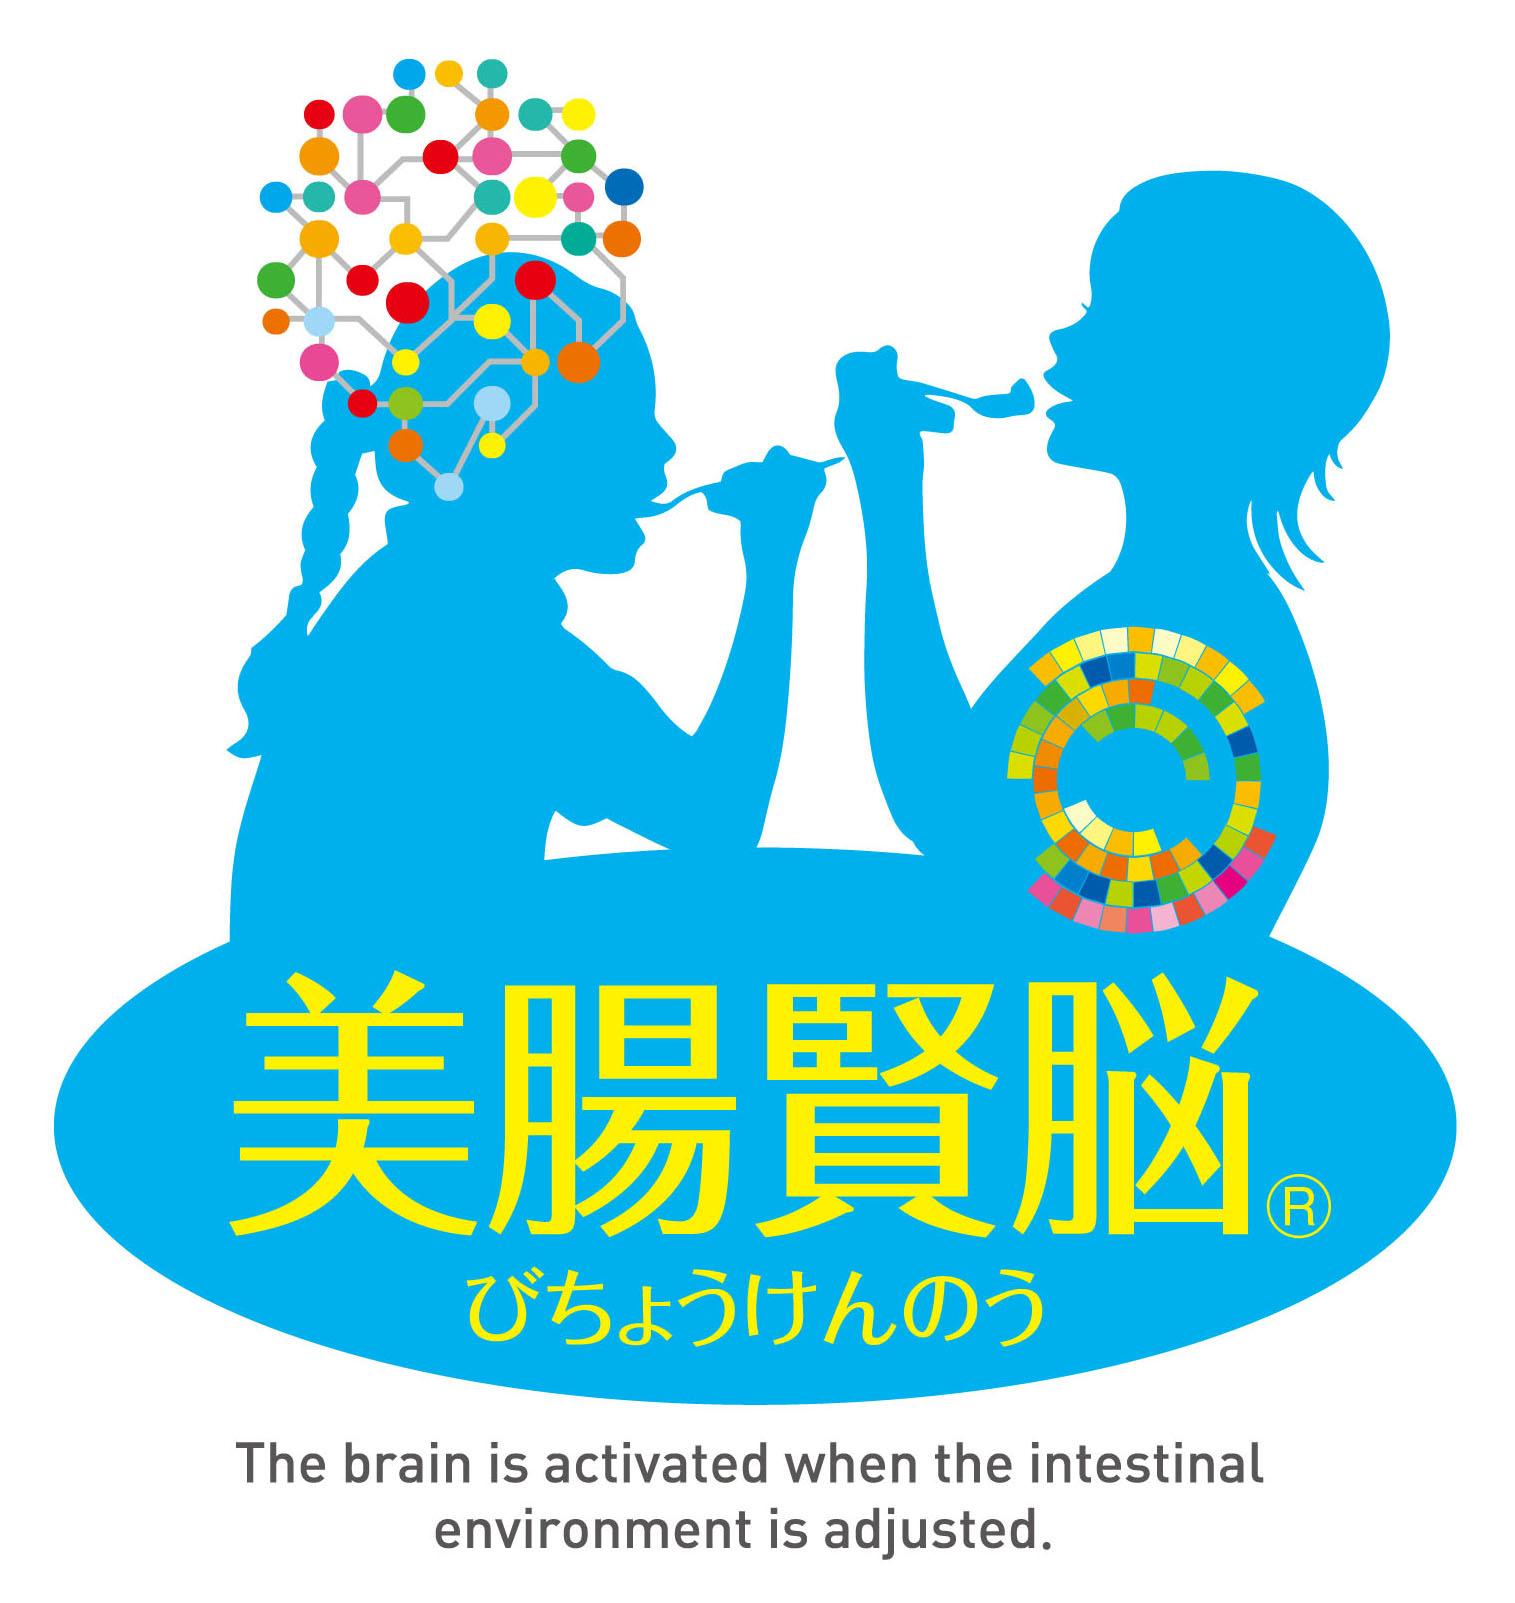 美腸賢脳プロジェクト